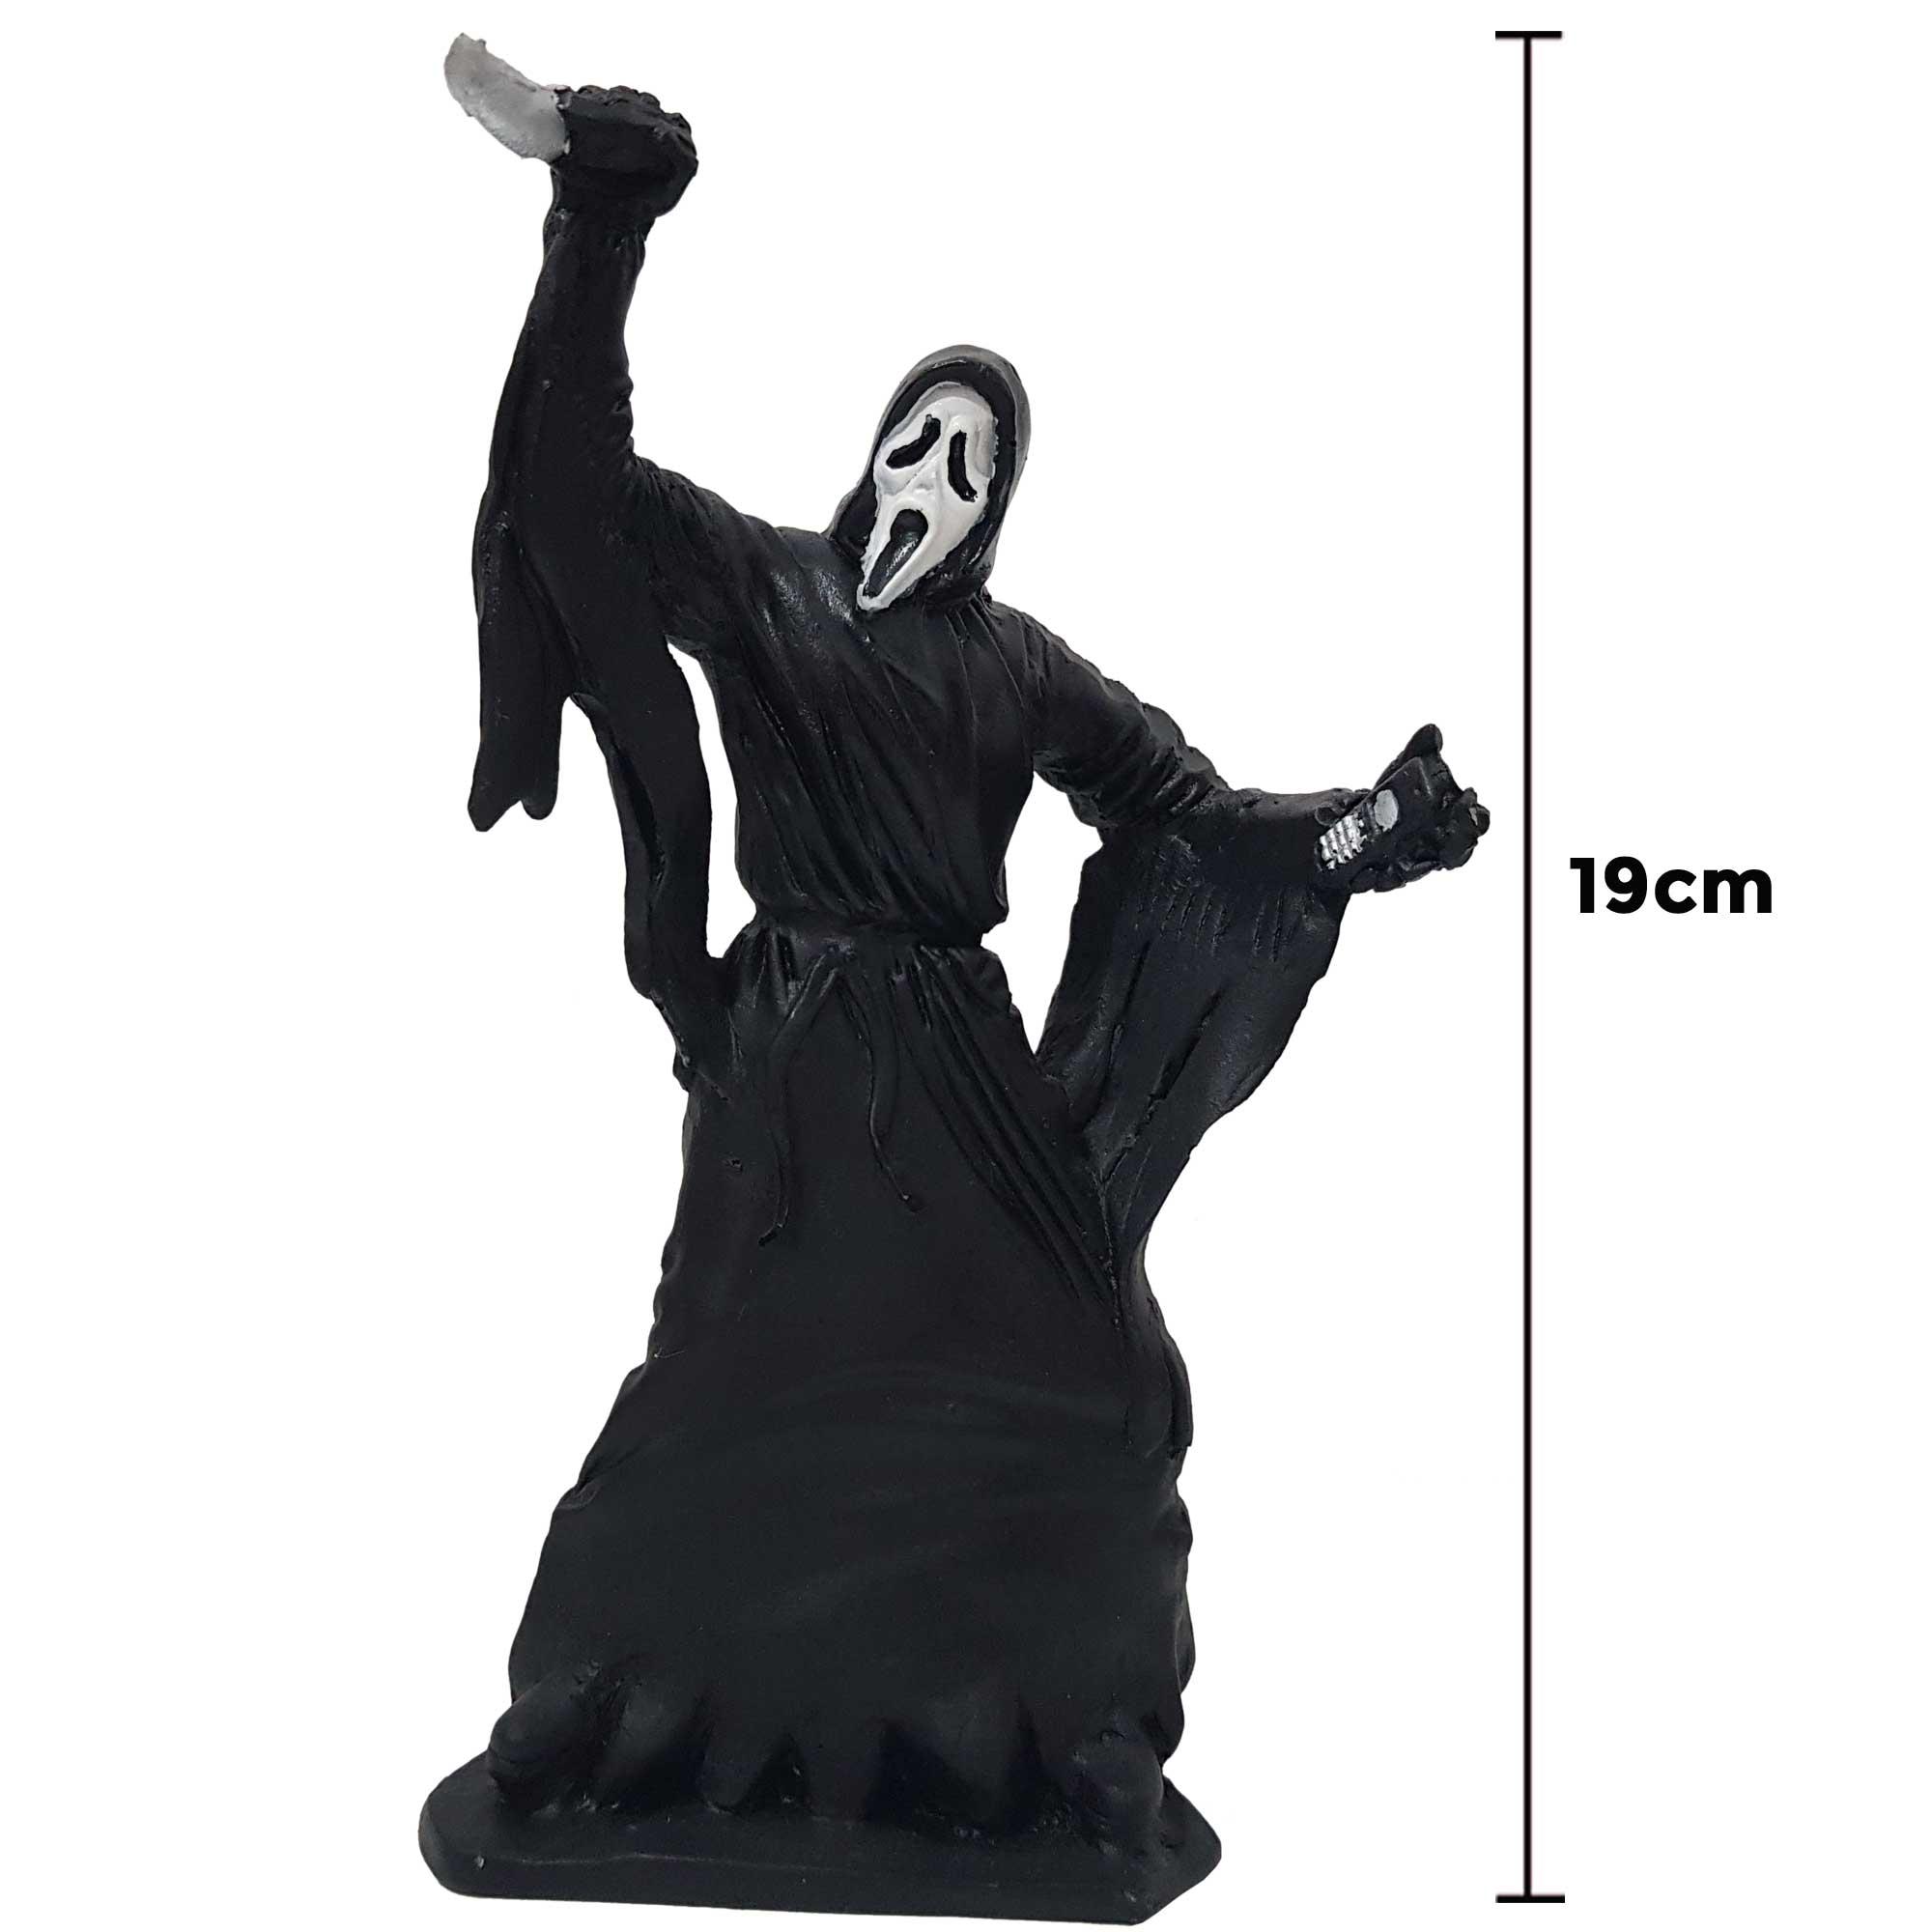 Boneco Estátua Pânico Ghostface 19cm